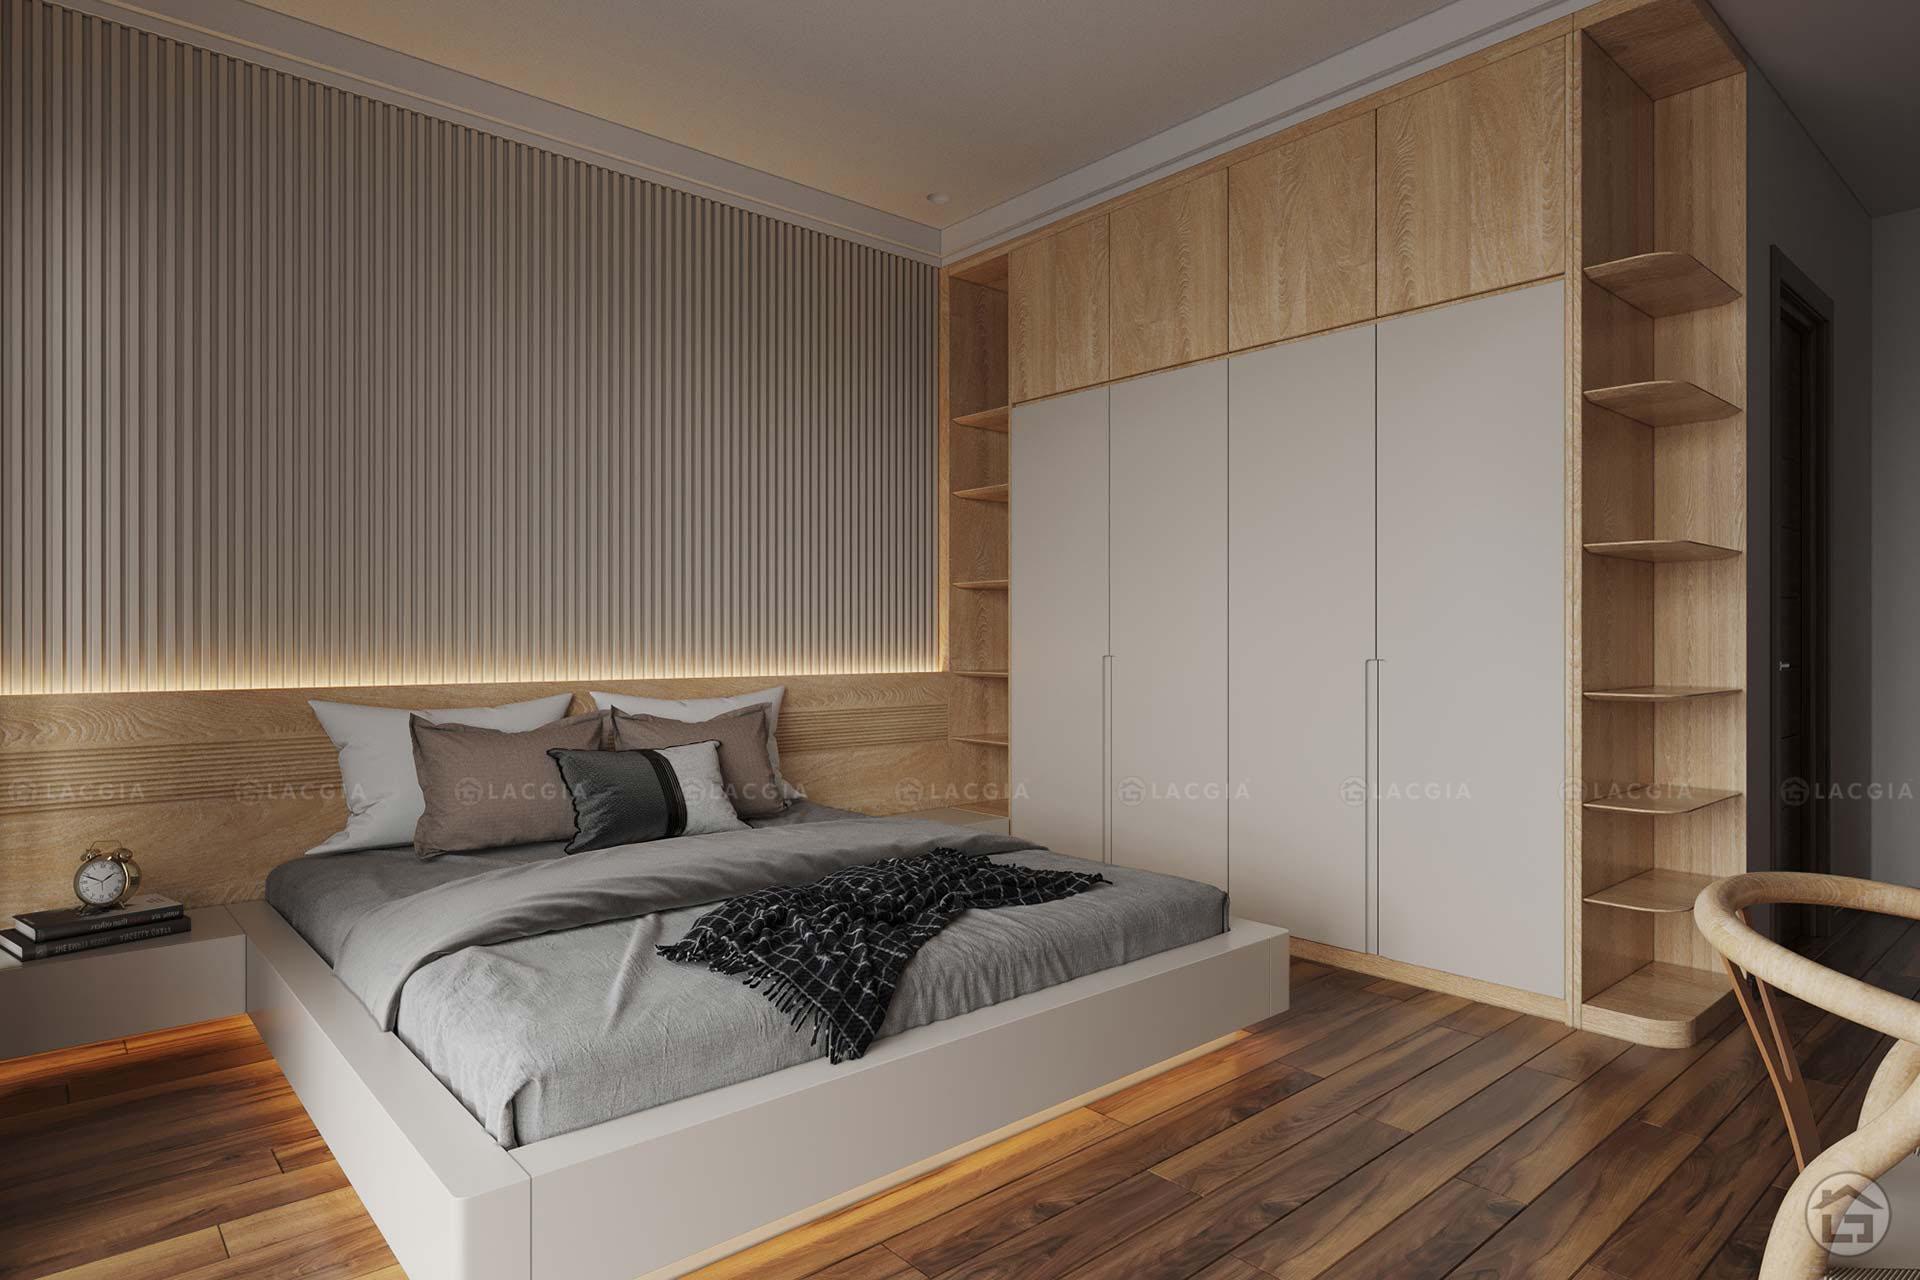 Ưu tiên sử dụng nội thất thông minh bằng vật liệu gỗ công nghiệp